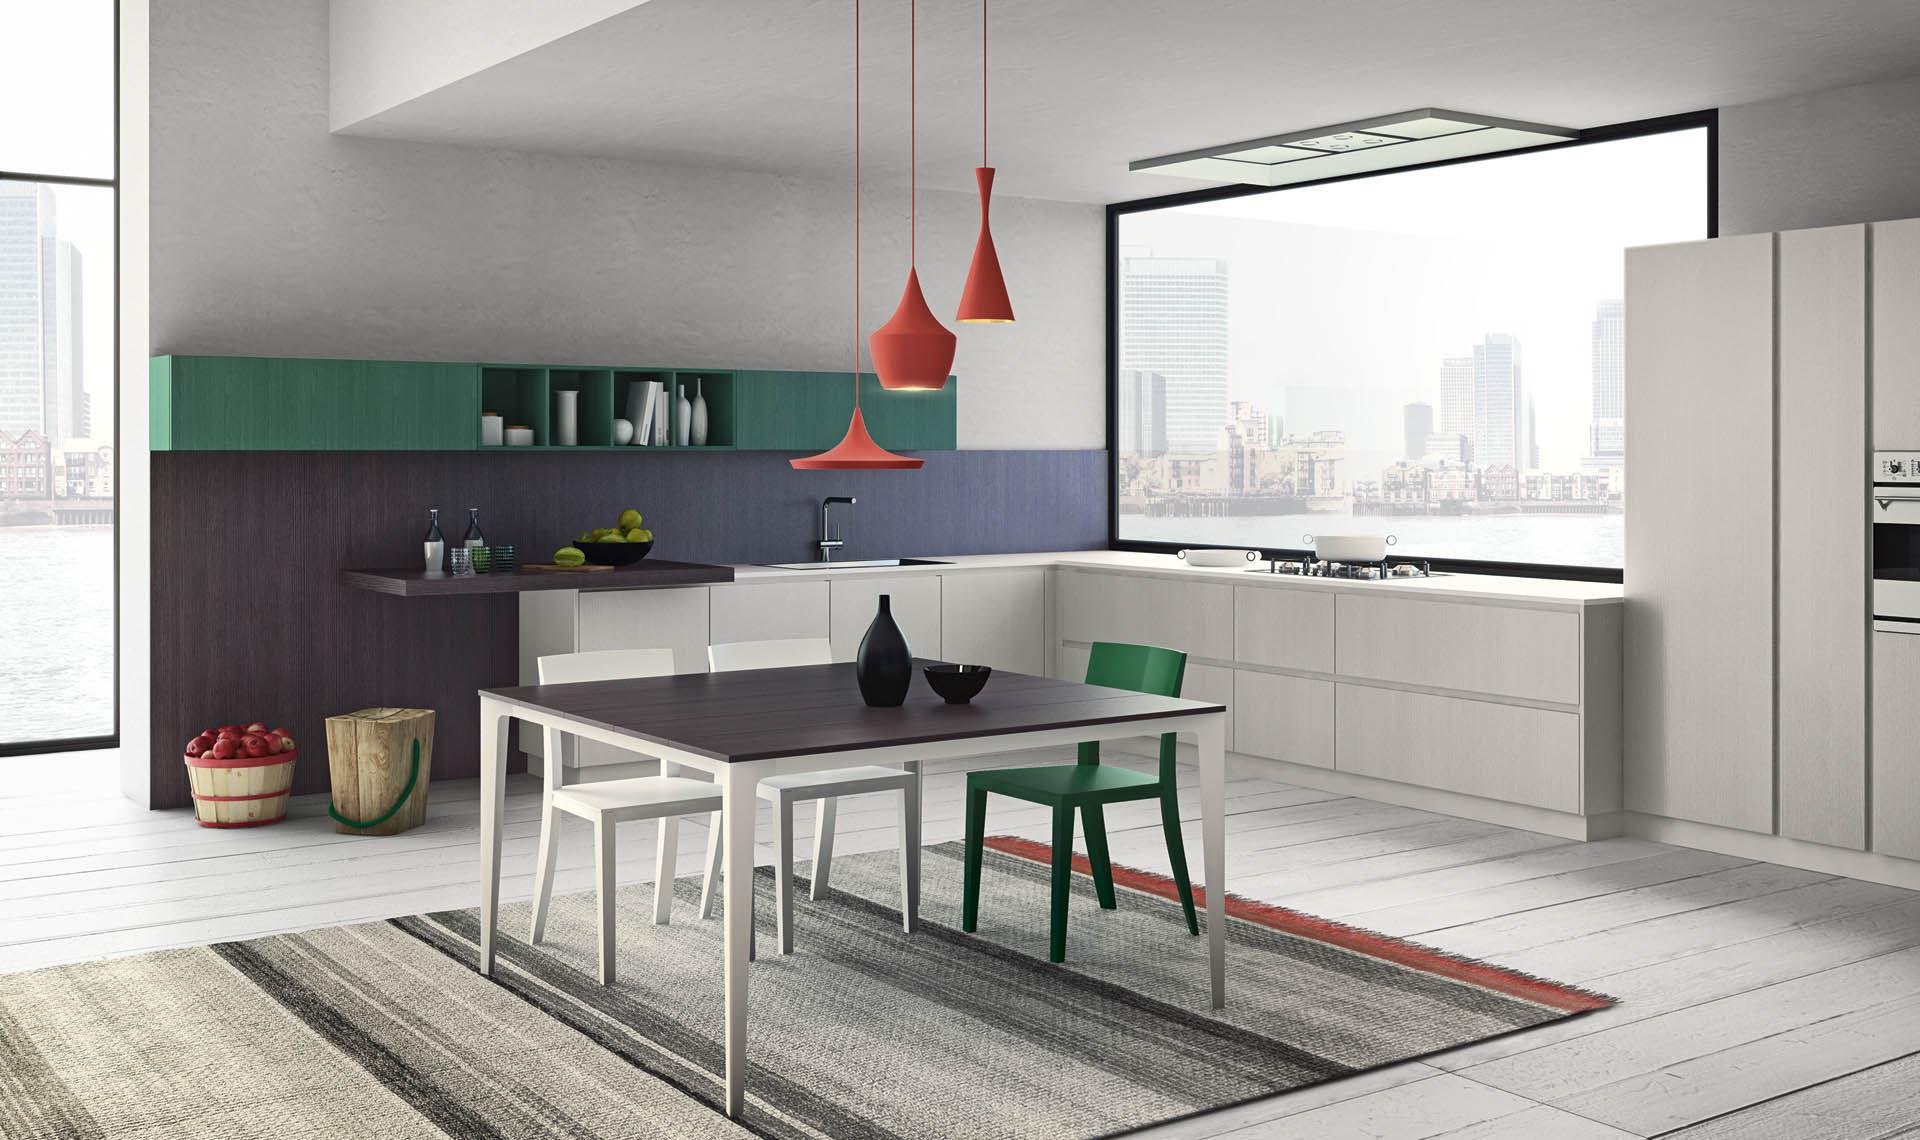 cucina moderna in laminato in legno con isola grafica